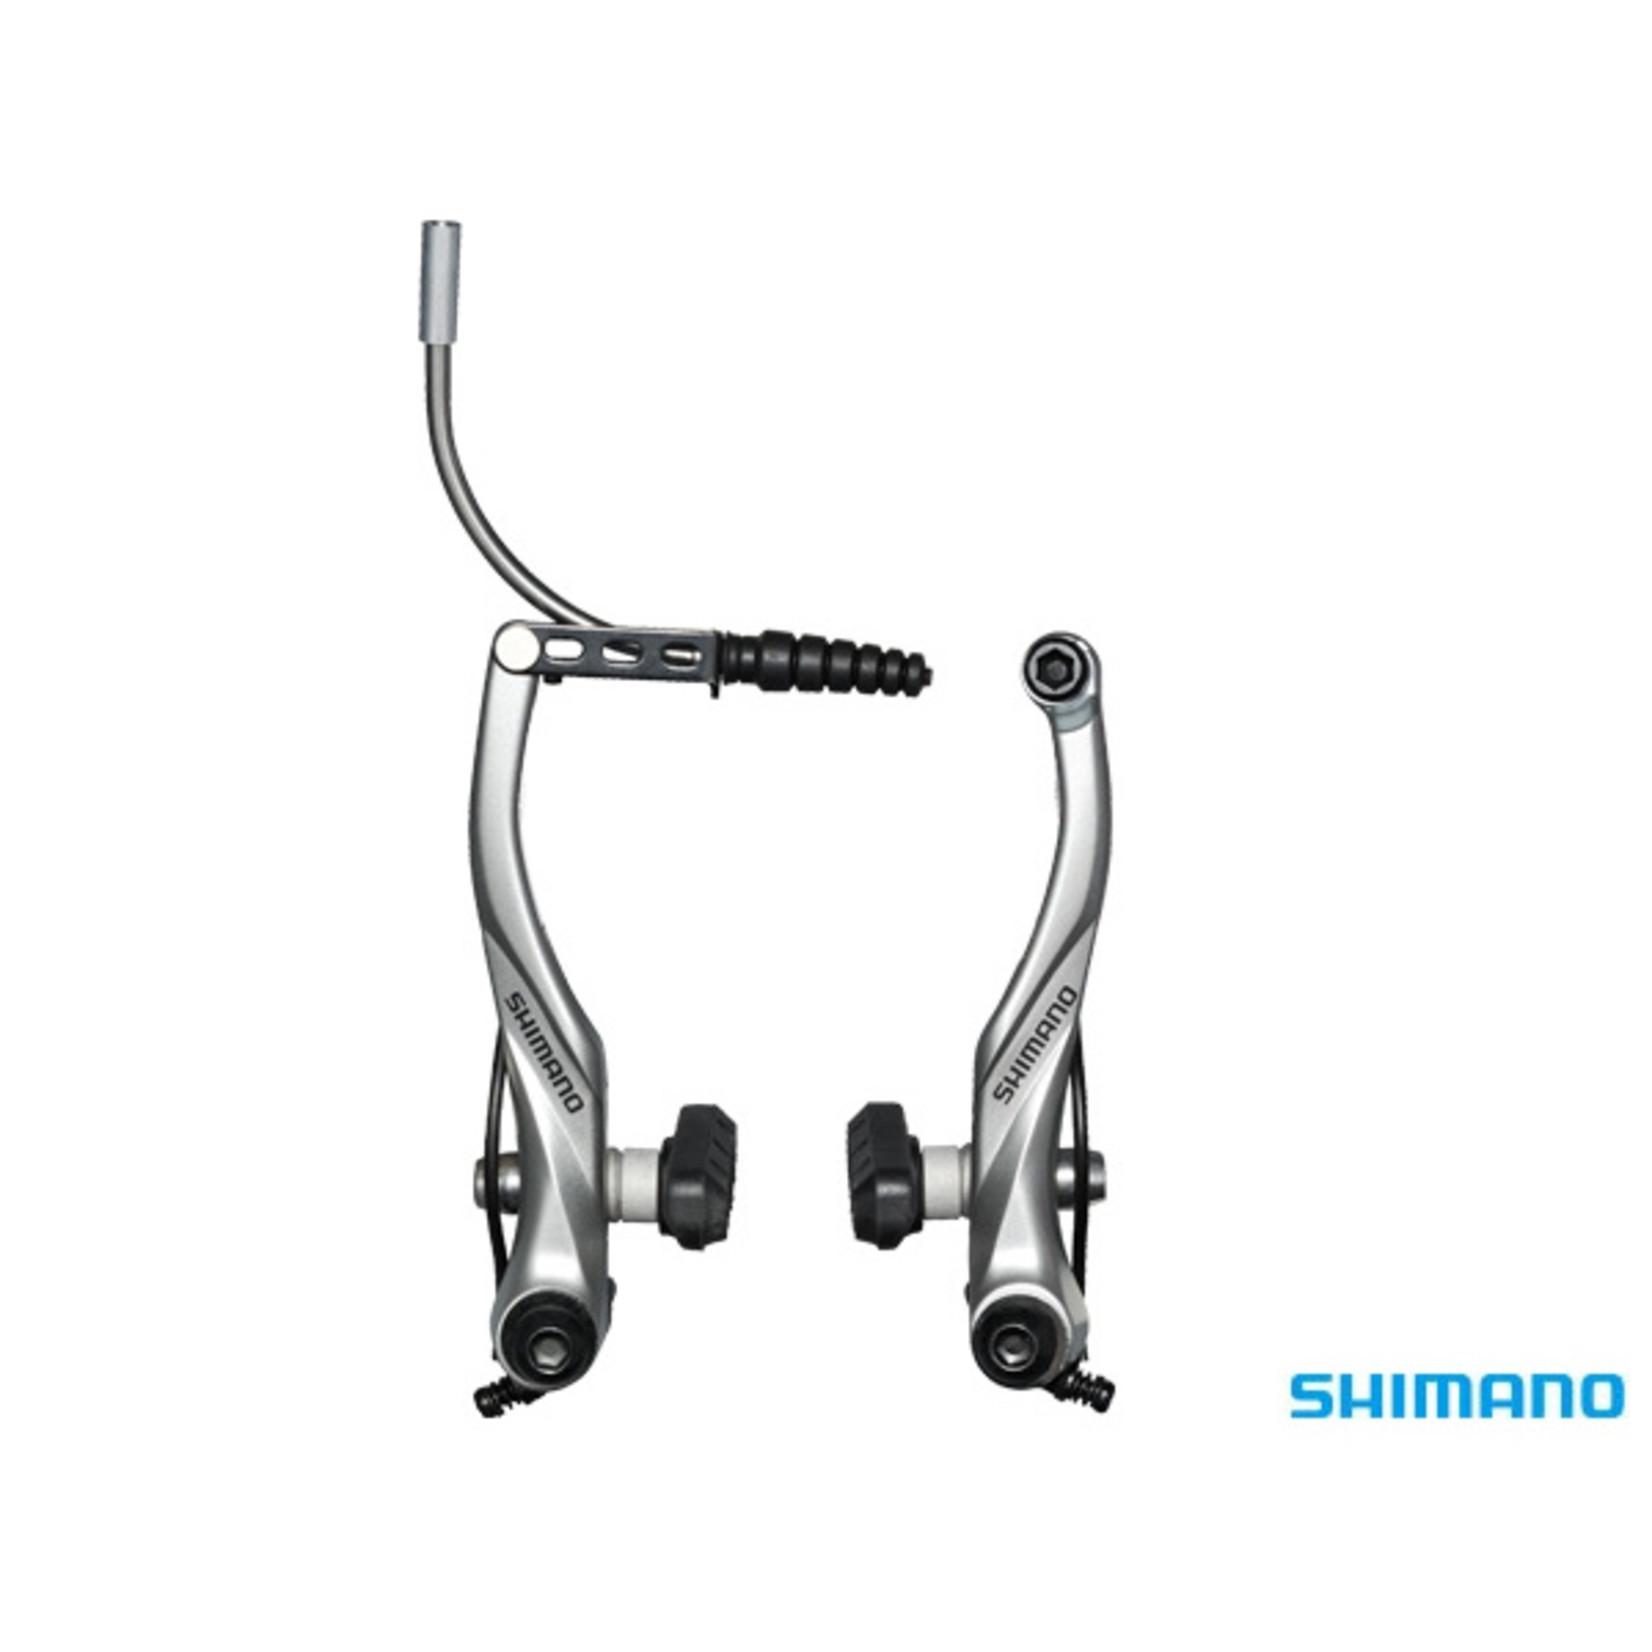 Shimano Shimano, BR-T4000 Front V-Brake Alivio Silver